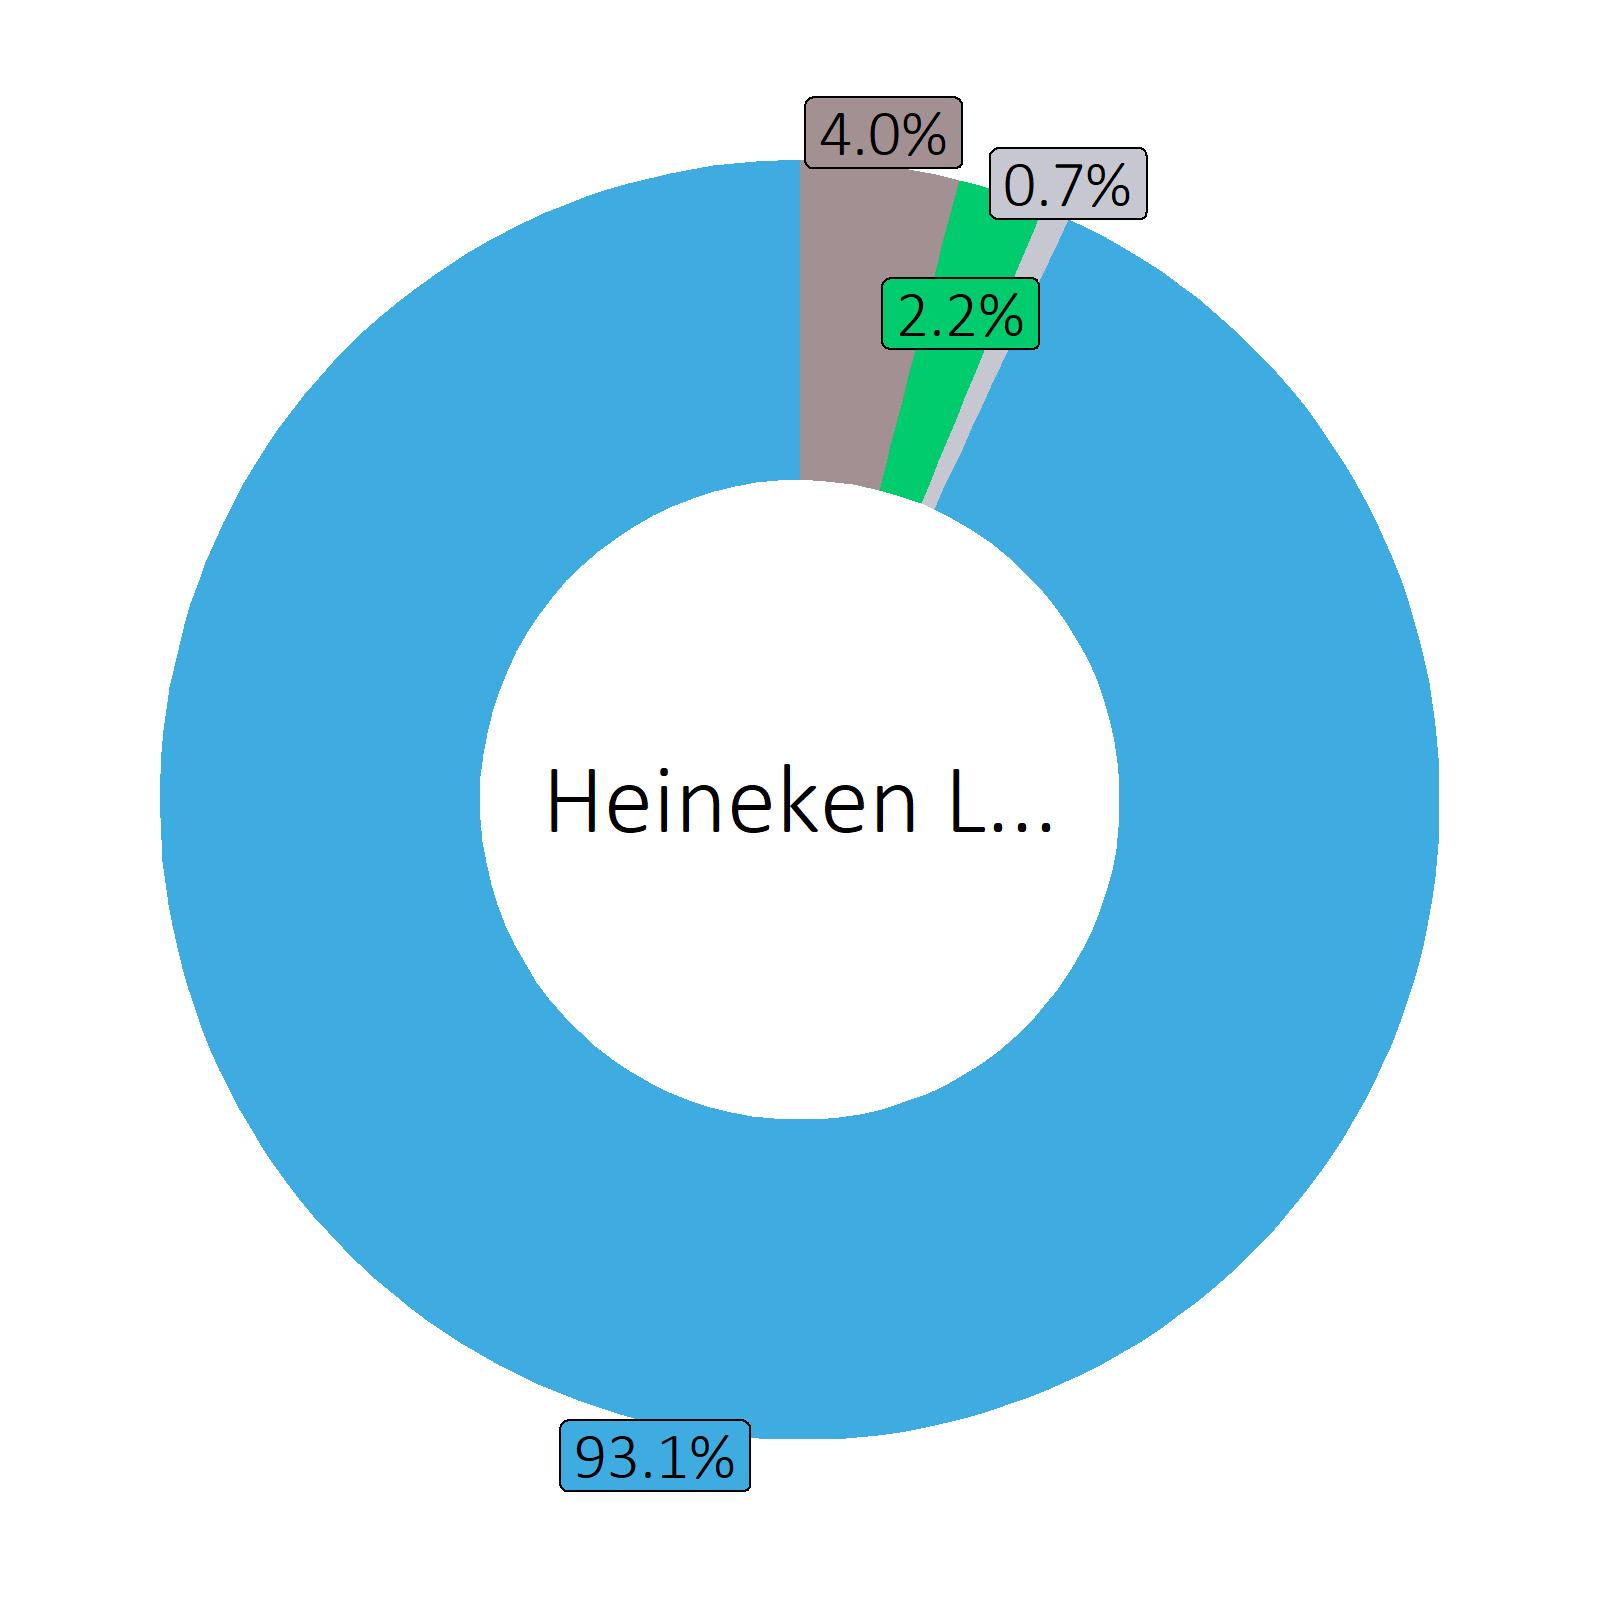 Bestandteile Heineken Lager (5 vol%)